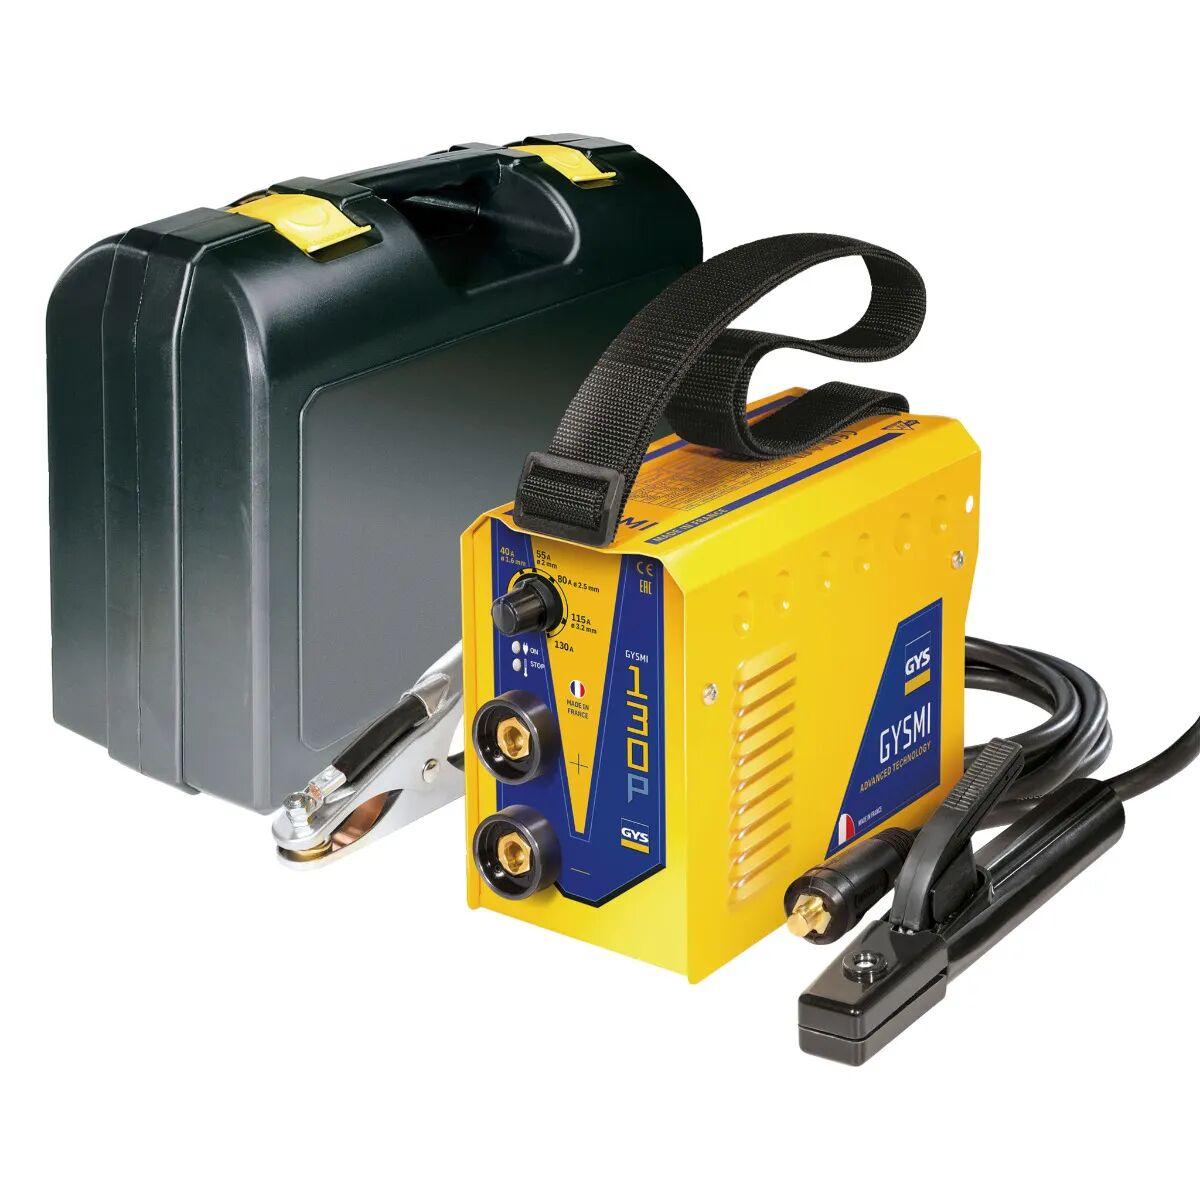 Gys Poste à souder Gysmi 130P avec valise et accessoires